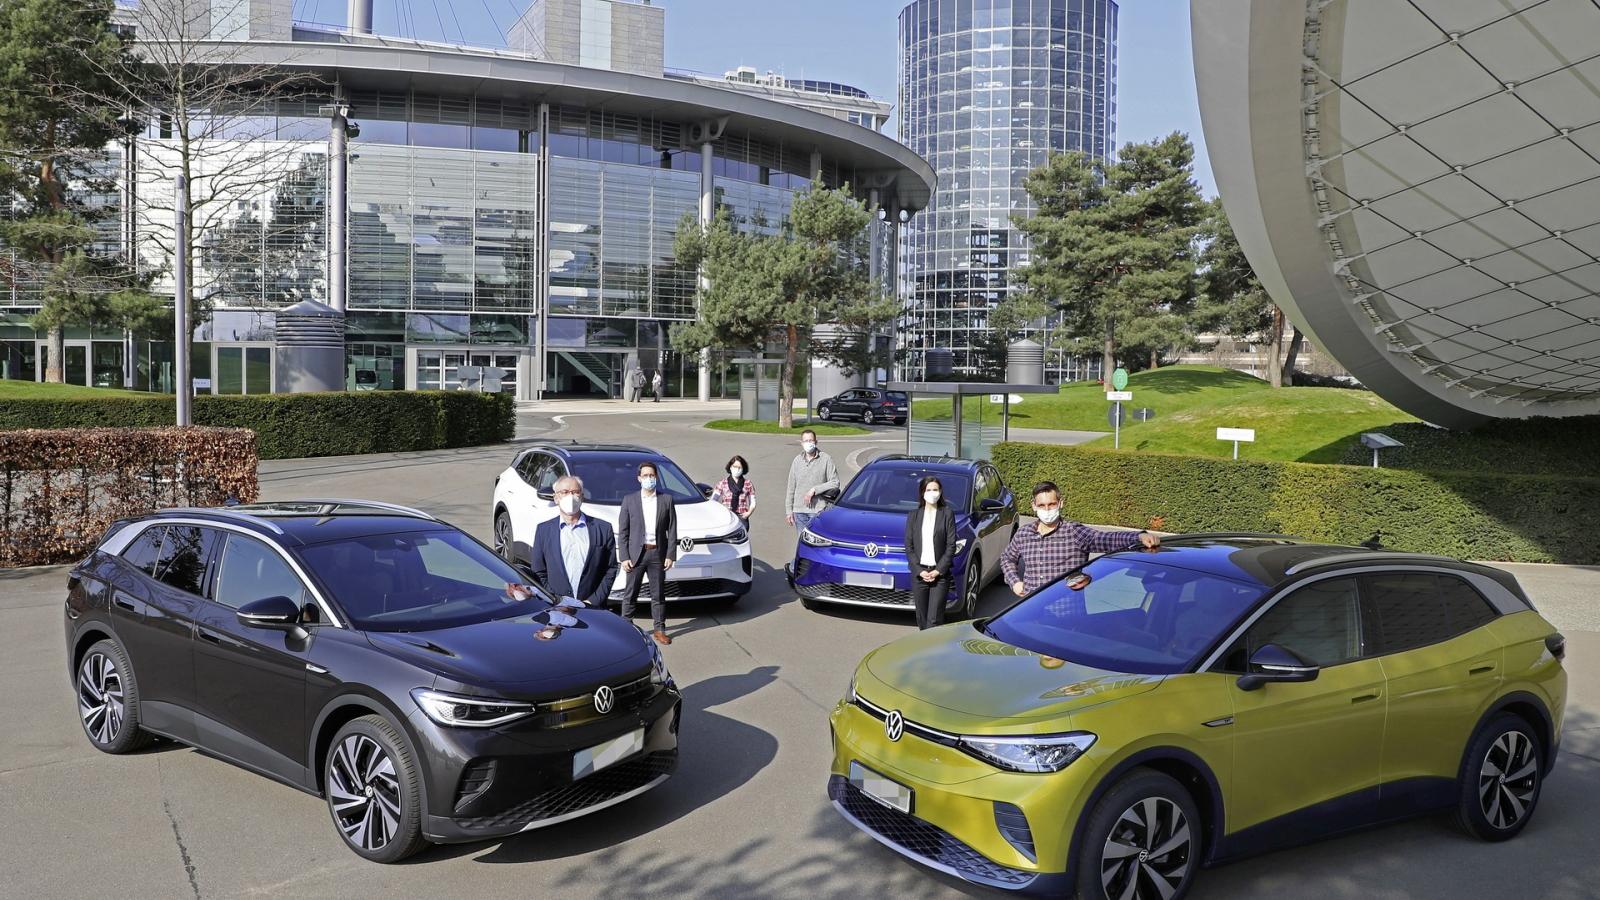 VW bàn giao những chiếc xe điện ID.4 đầu tiên cho khách hàng